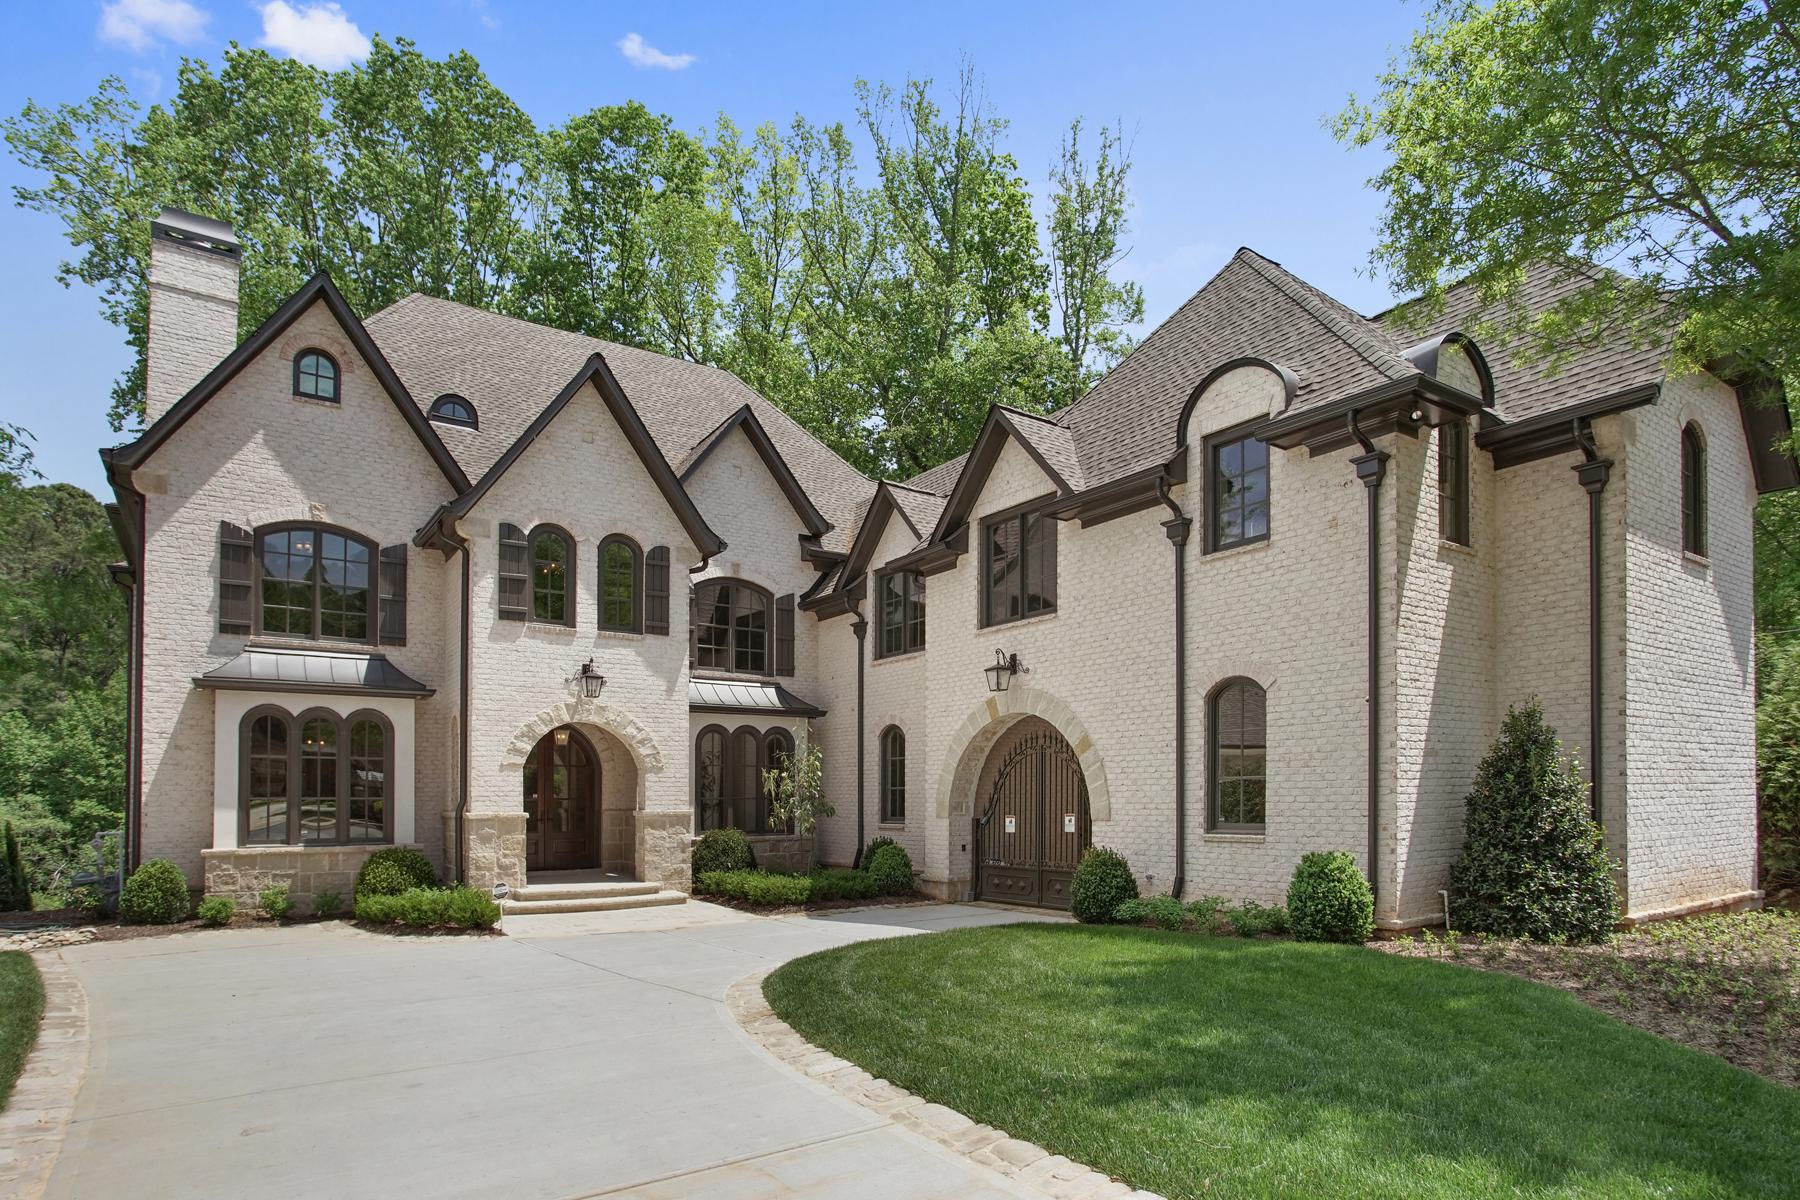 獨棟家庭住宅 為 出售 在 Stunning New Construction In Prime Sandy Springs Location 205 Rivermere Way Atlanta, 喬治亞州, 30350 美國